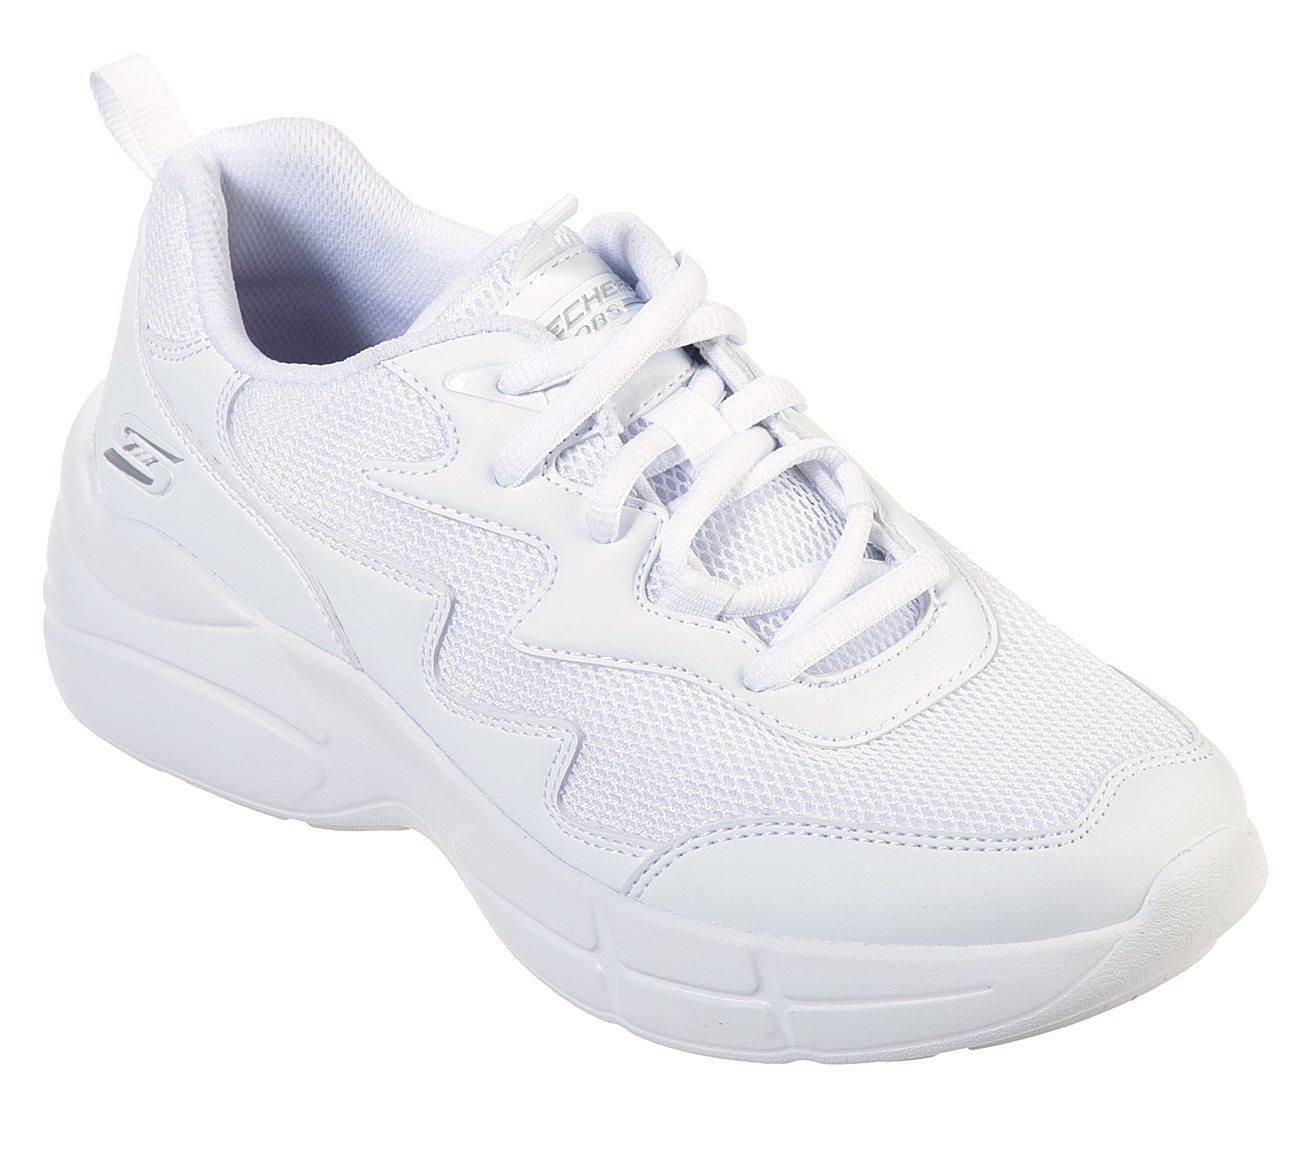 Skechers Bobs Prımo Bayan Ayakkabısı SKC33124 WHT